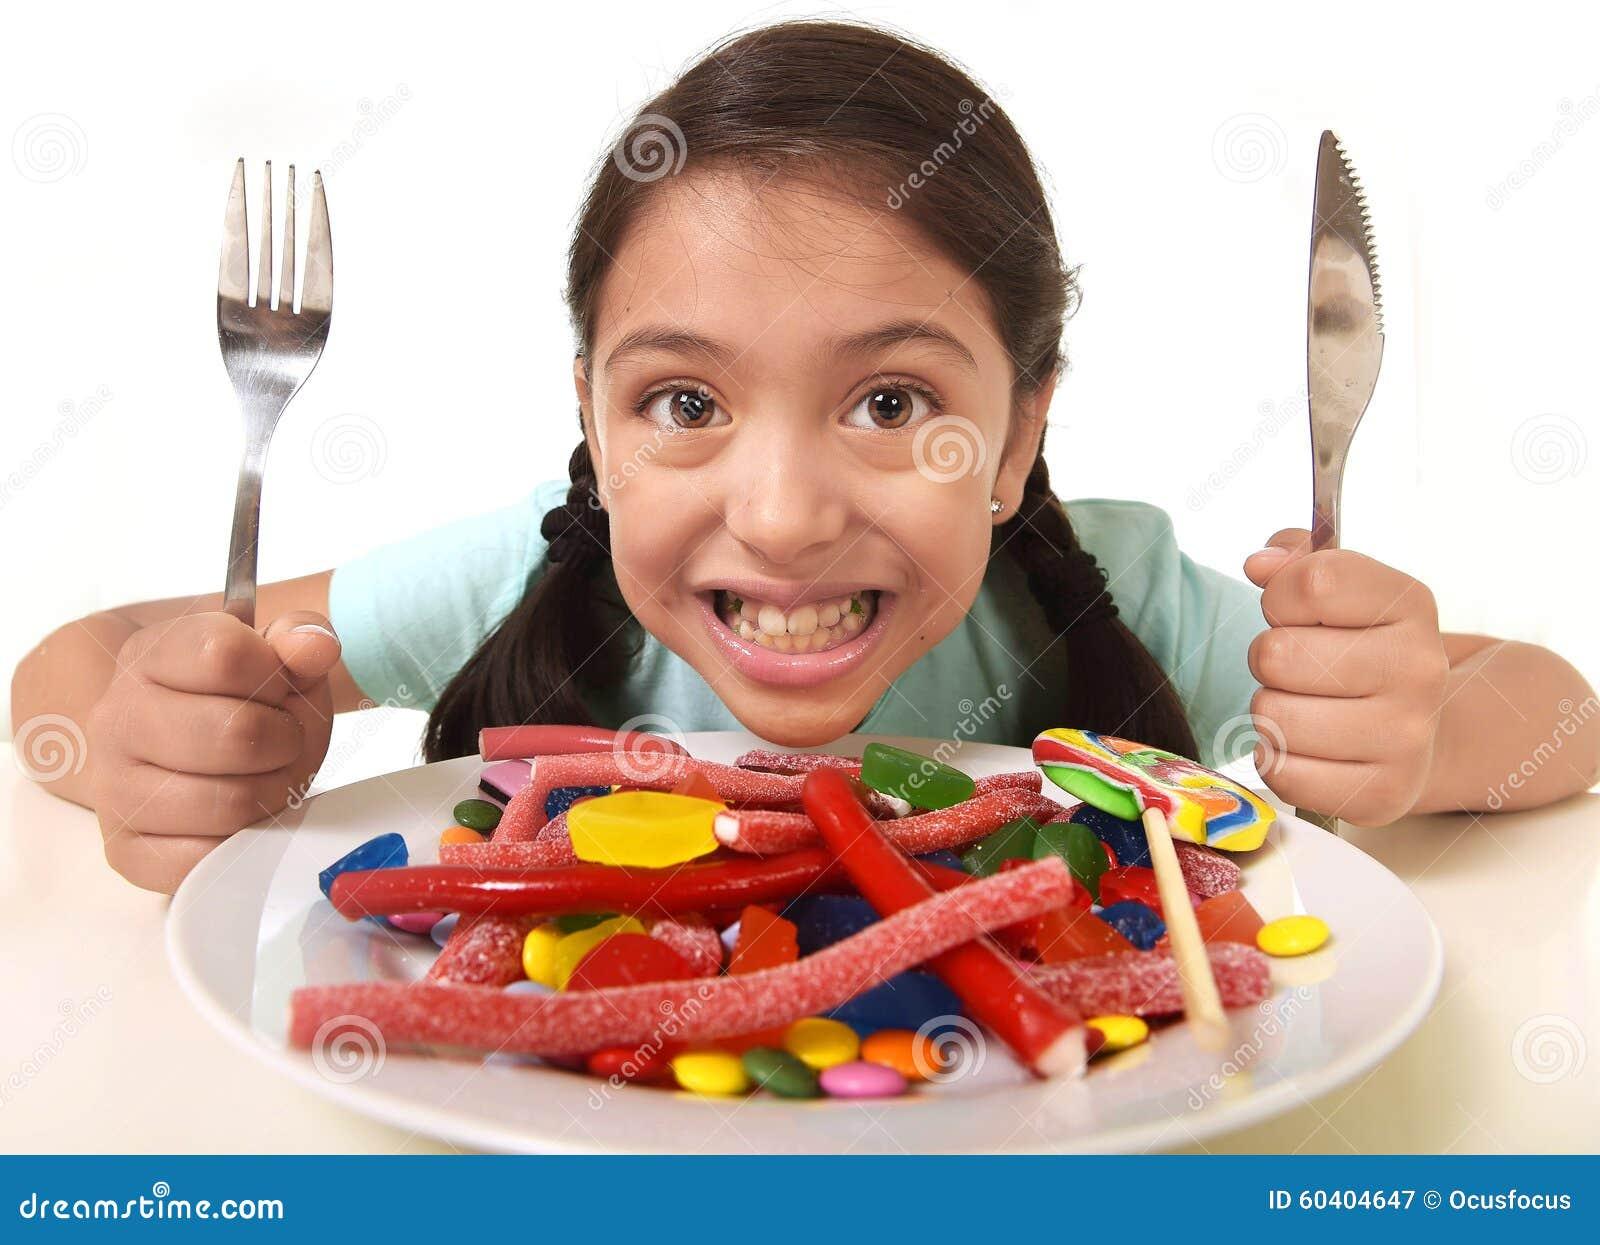 愉快的激动的拉丁坐在桌上的女孩拿着叉子的和刀子准备好为充分吃一个盘糖果